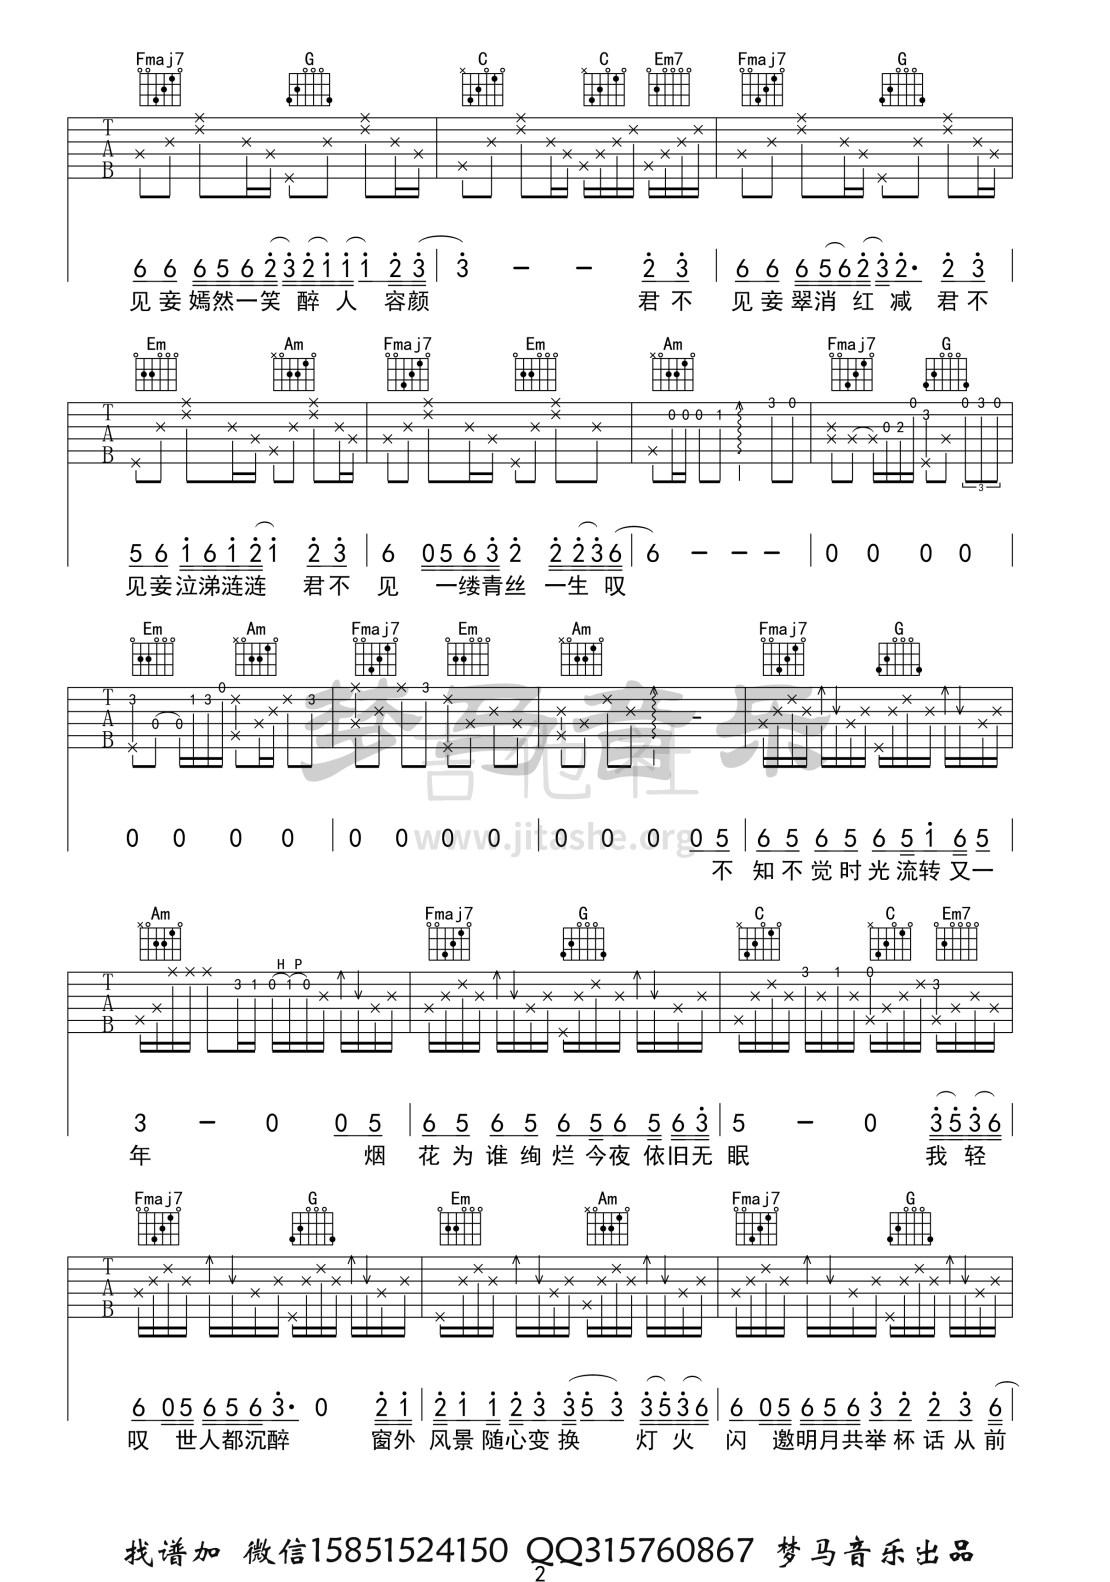 青丝吉他谱(图片谱,指弹)_等什么君_青丝-2.jpg